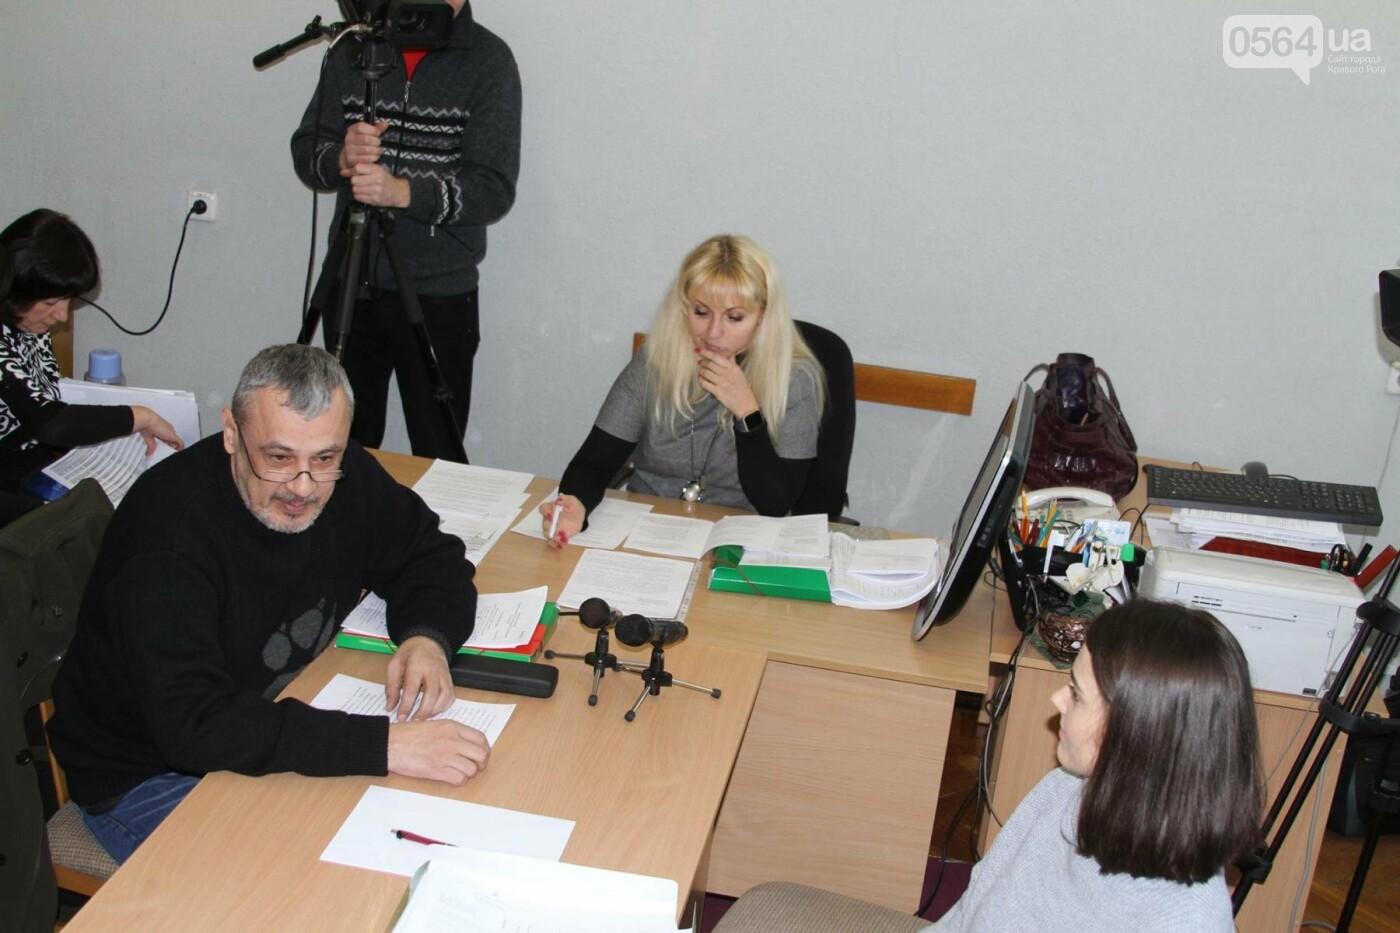 Криворожские депутаты из комиссии по этике и дисциплине со второй попытки не смогли собраться (ФОТО), фото-3